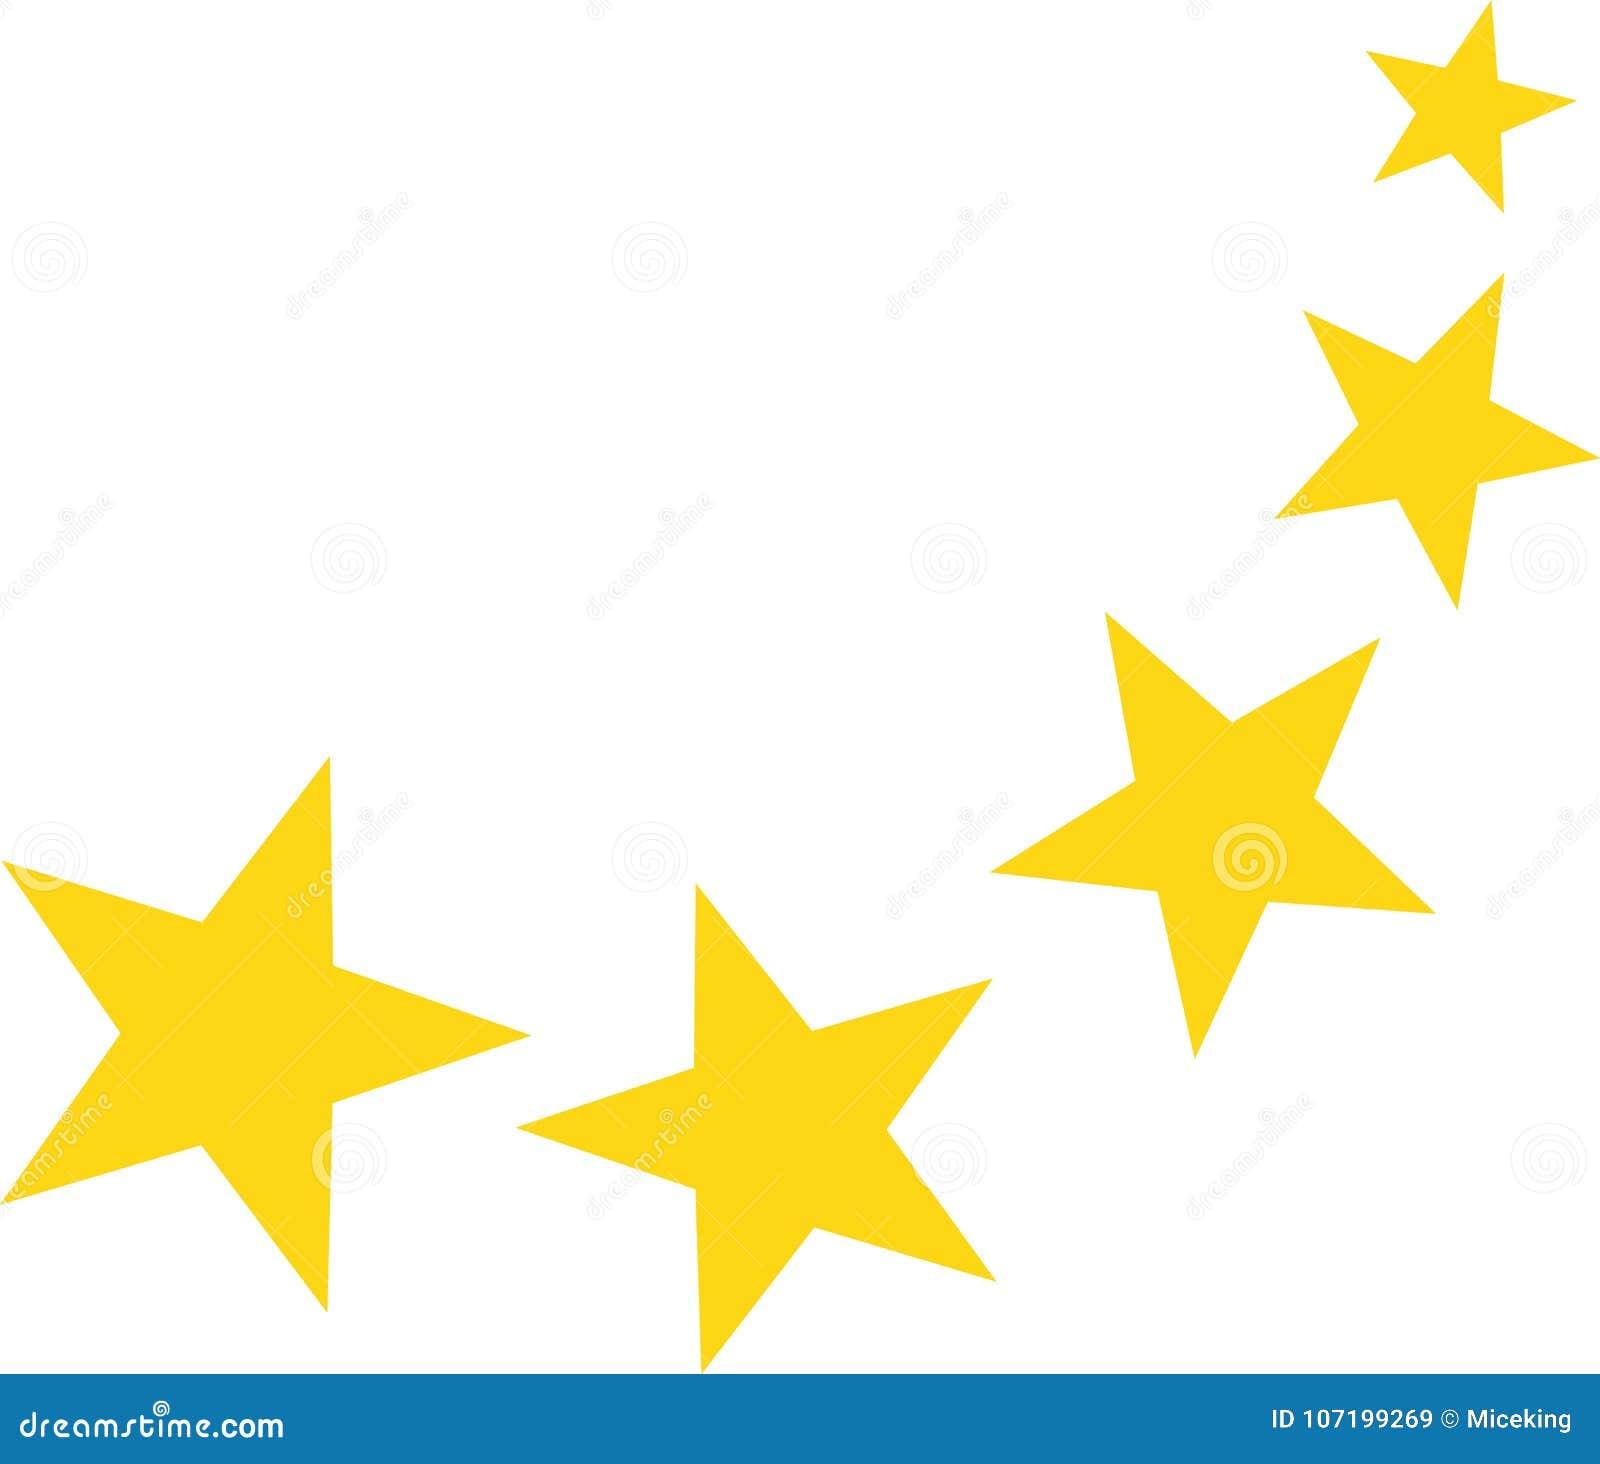 Falling yellow stars